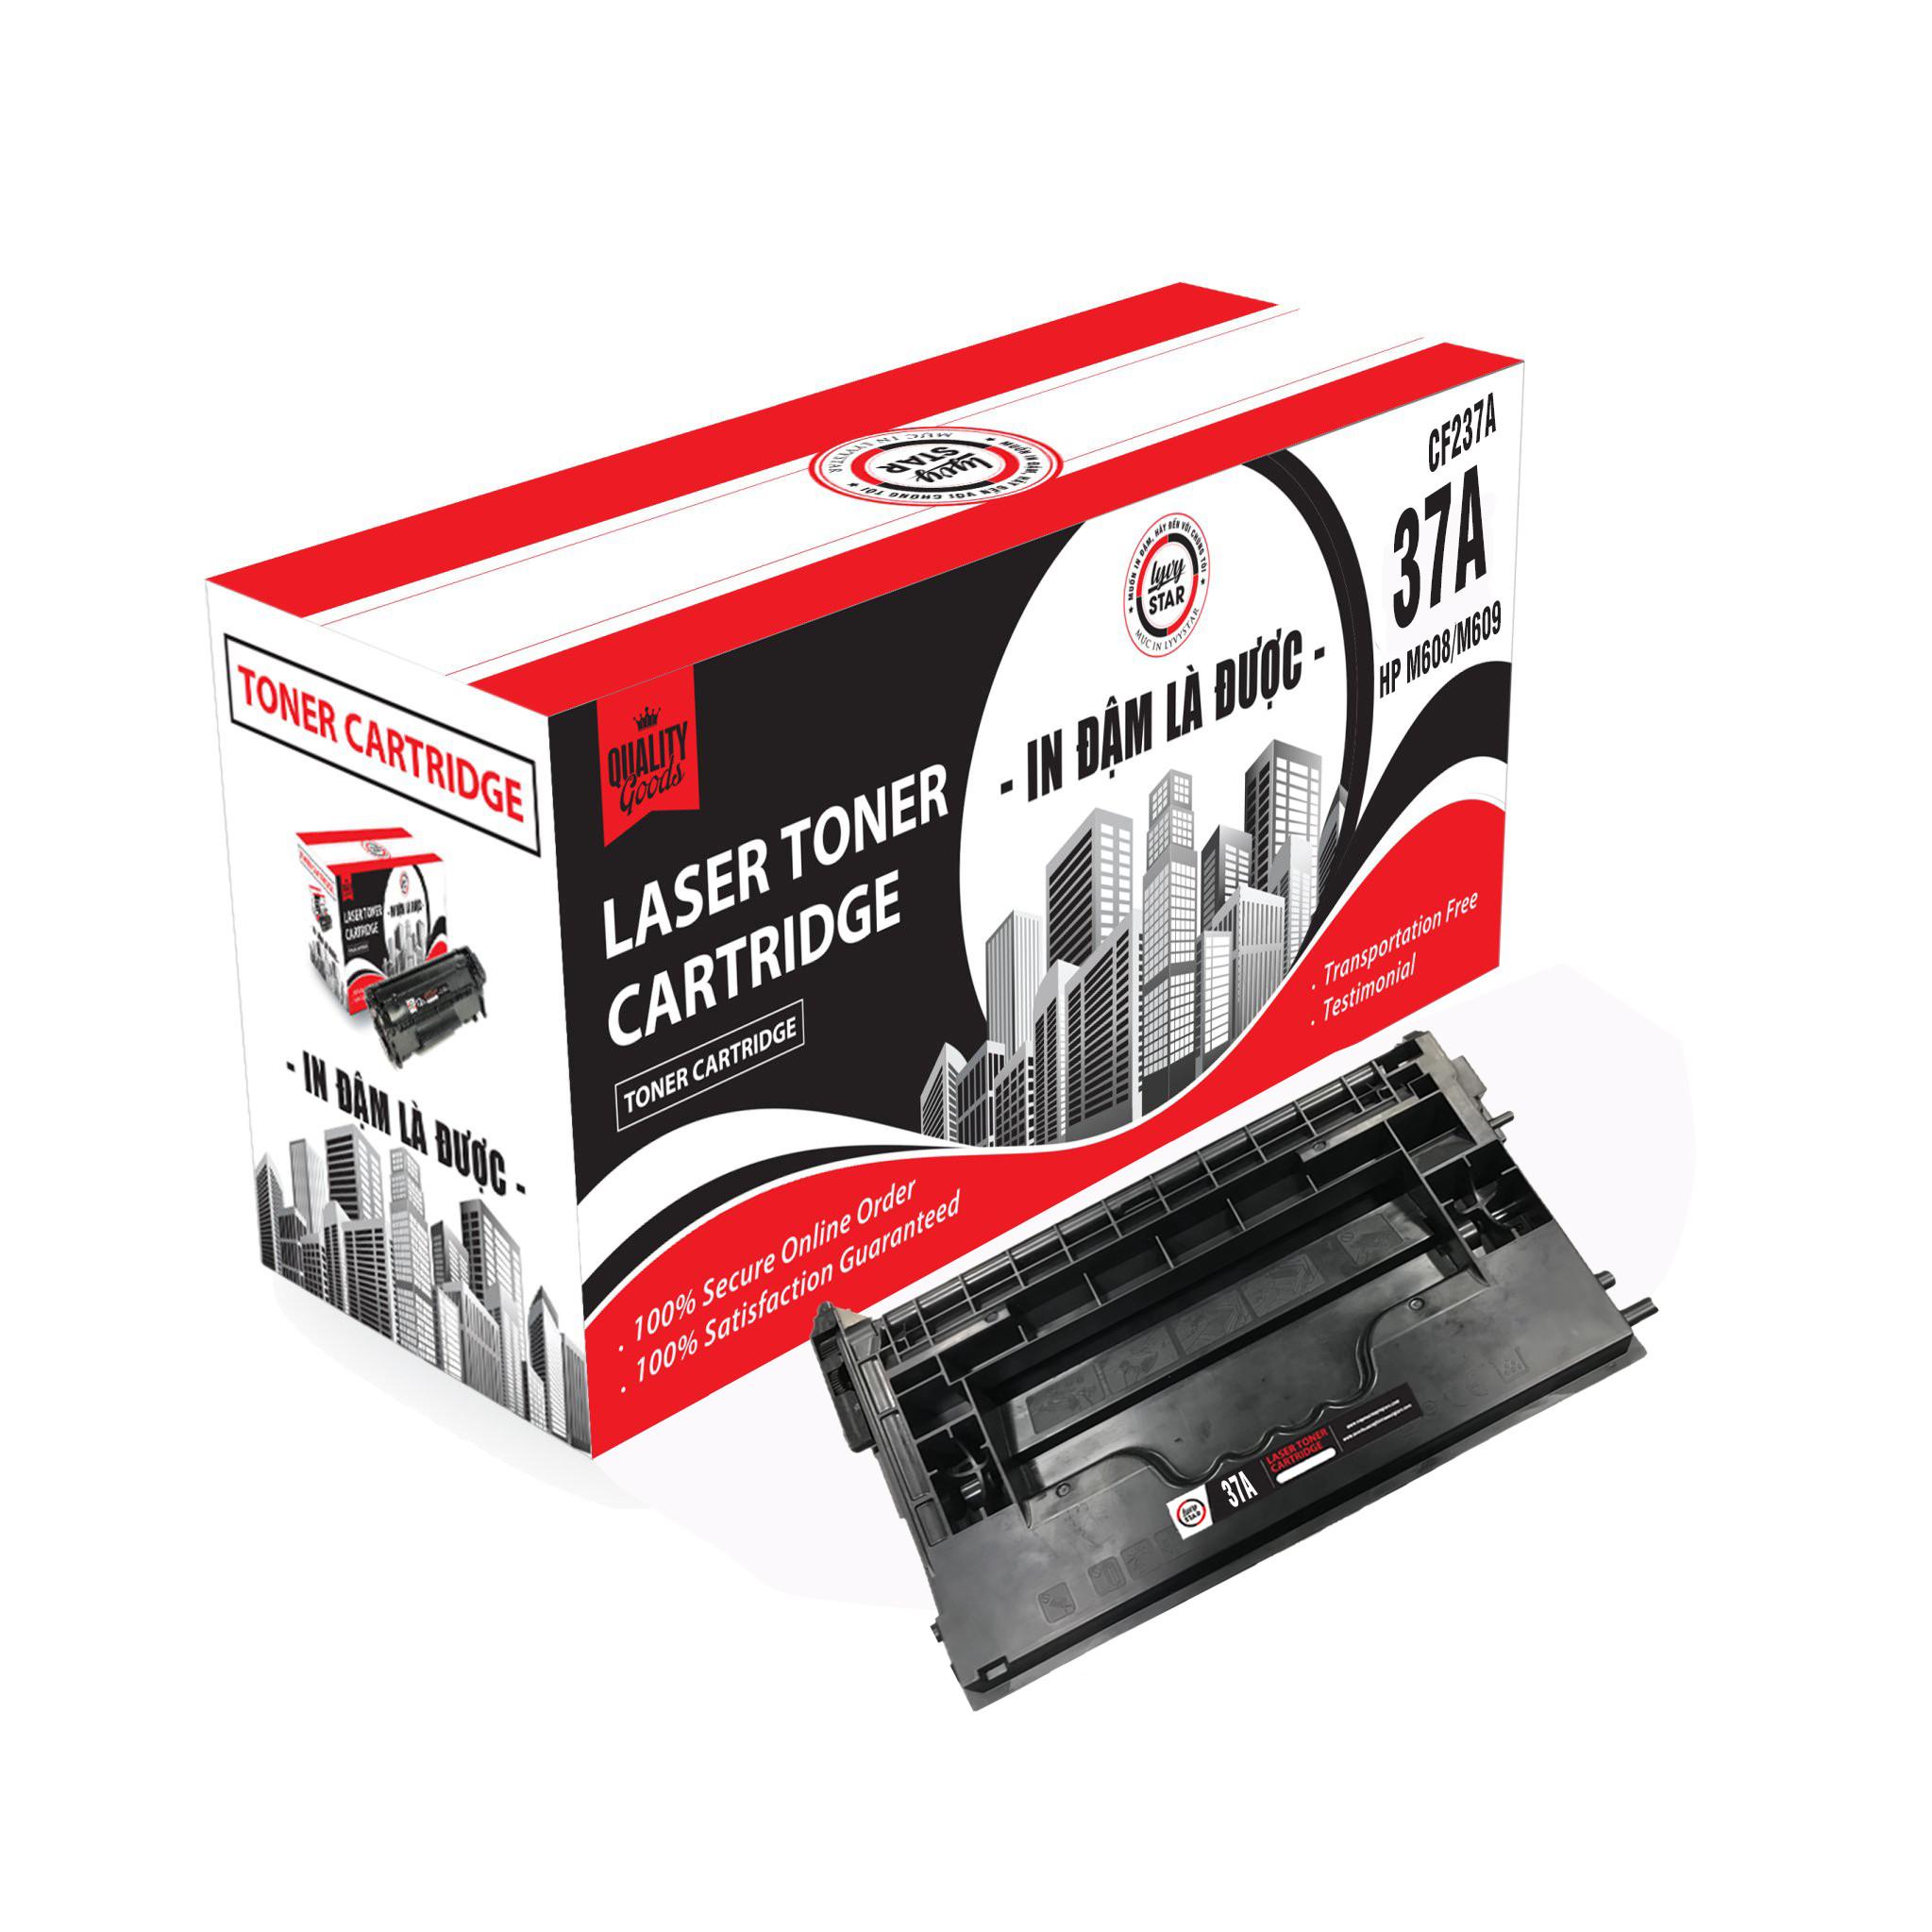 Mực in Lyvystar 37A (CF237A) dùng cho máy HP LaserJet Enterprise M609dn - Hàng chính hãng